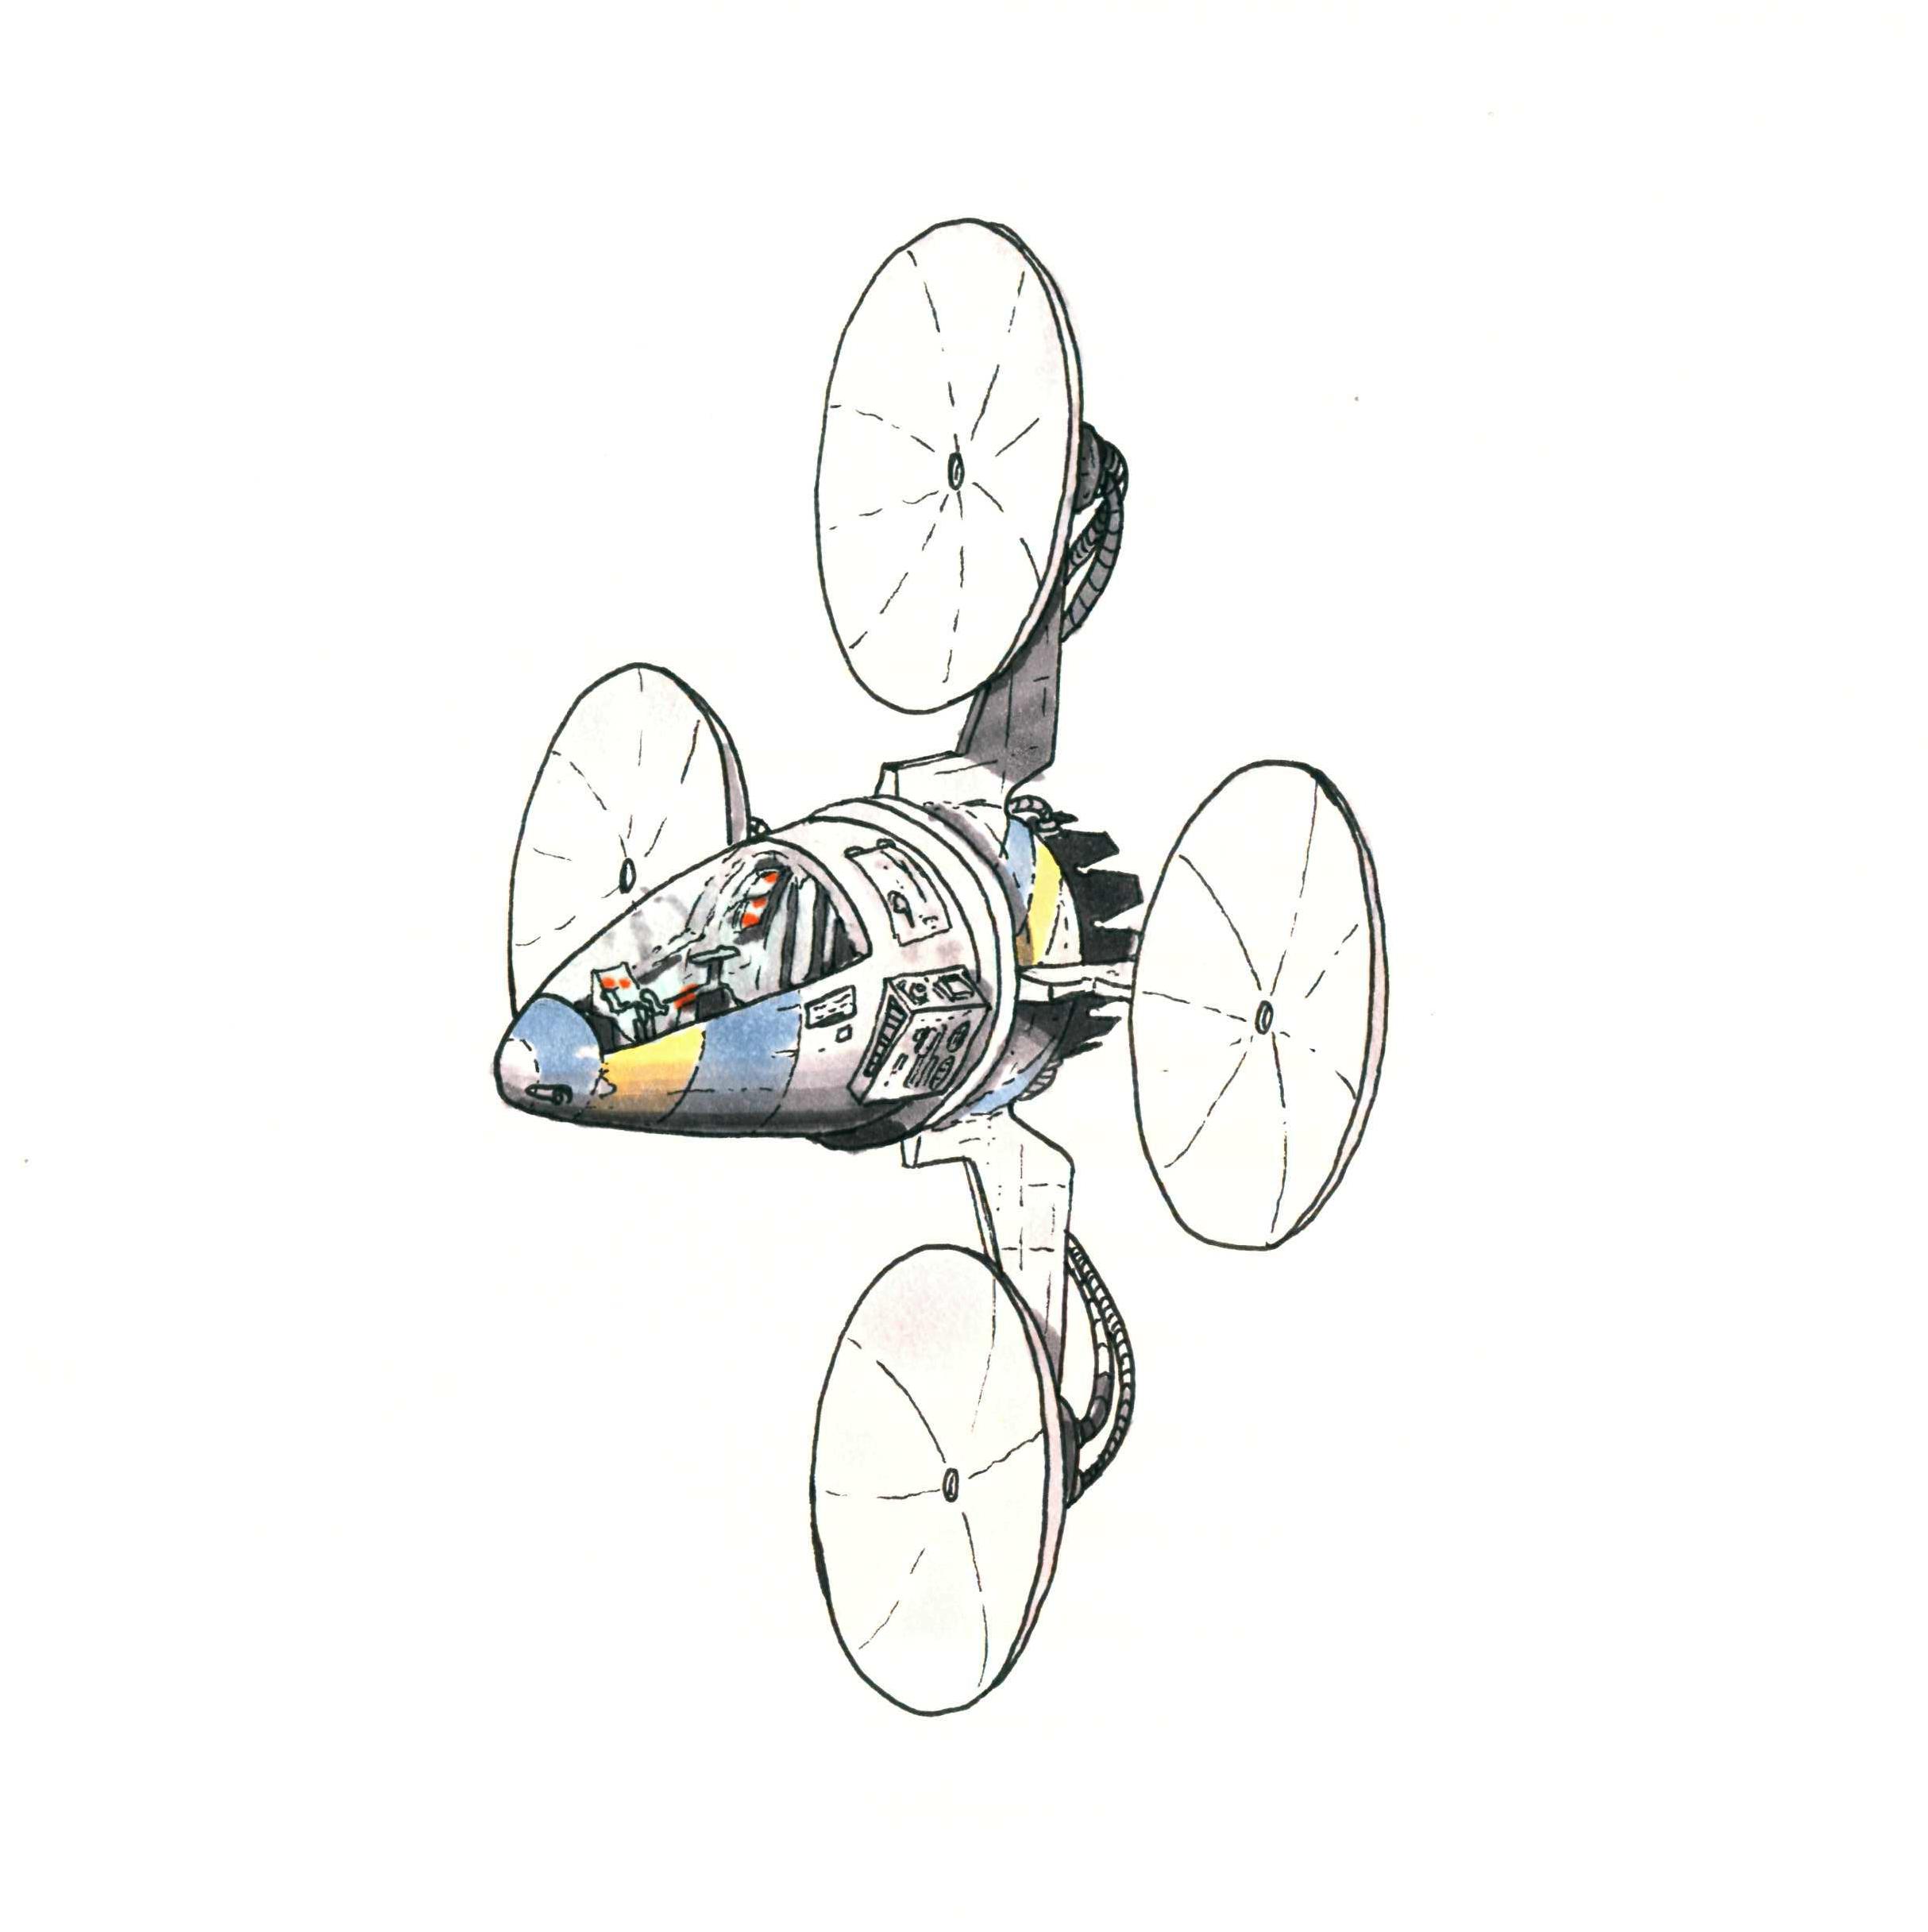 spaceship_11_1_2017_web_image.png